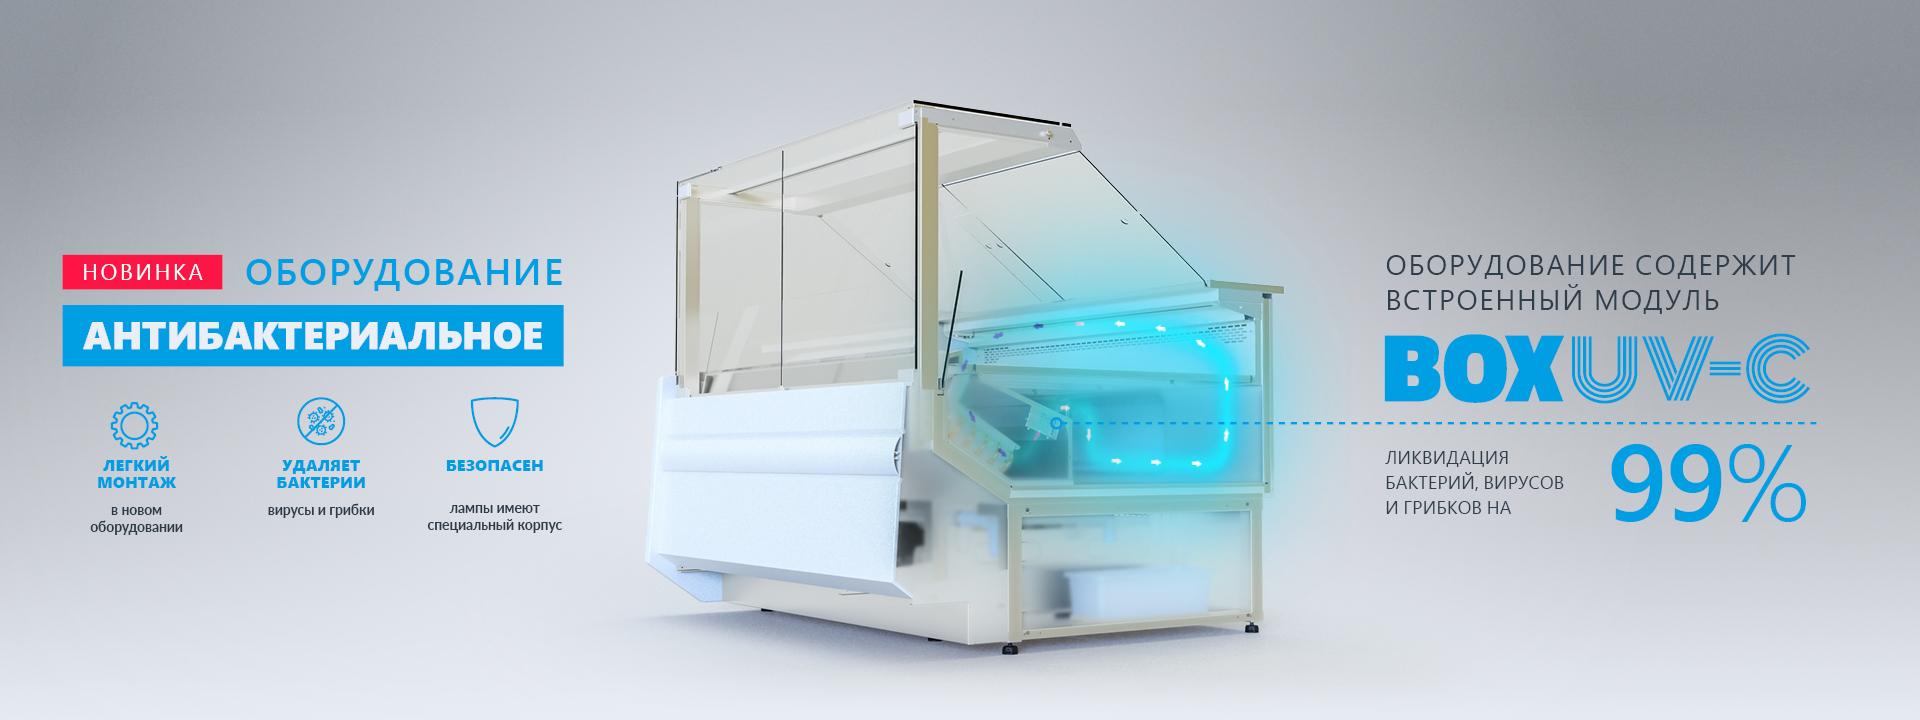 BOX UV-C